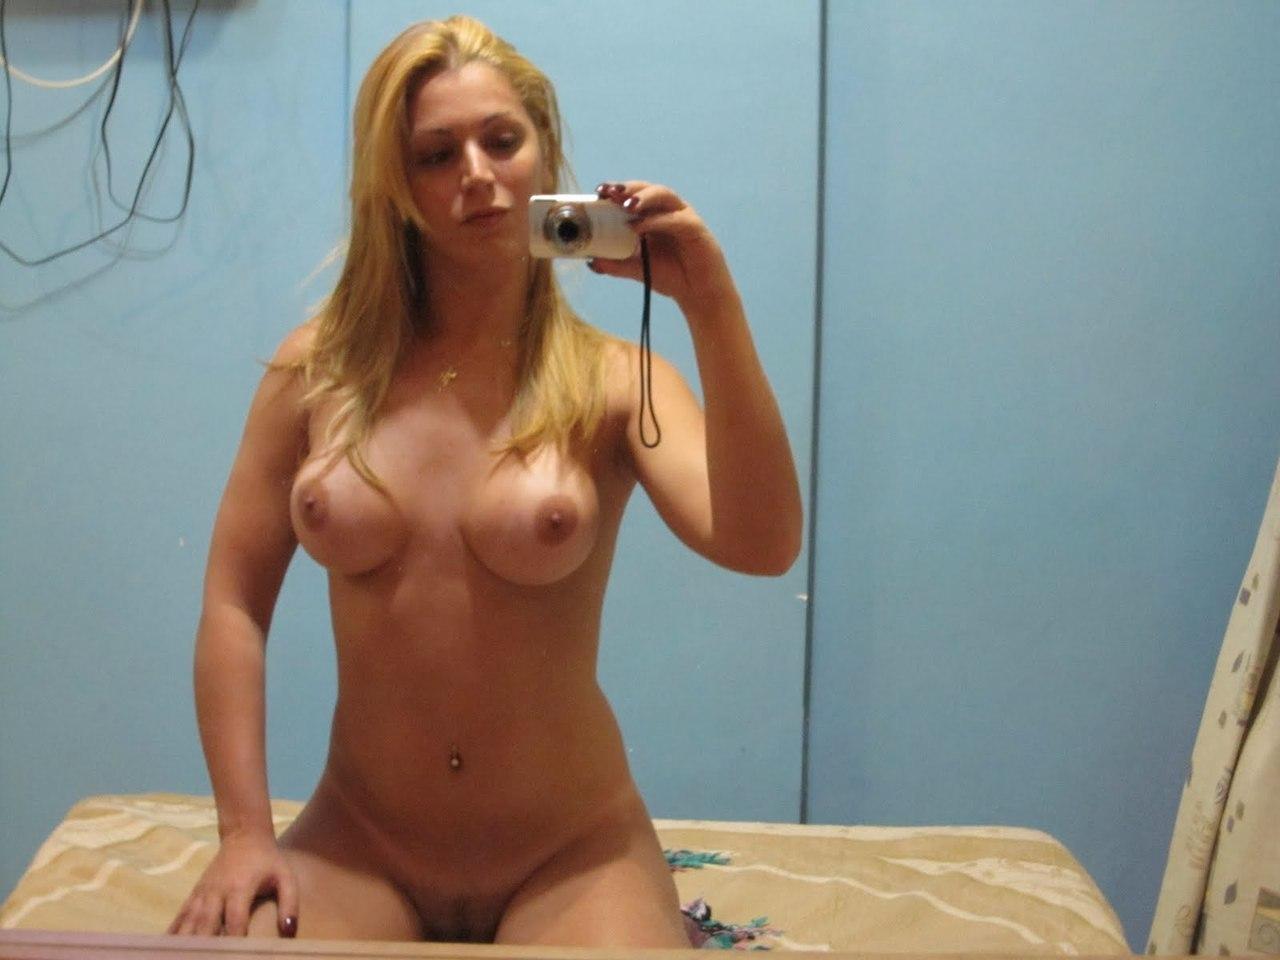 Gata tirou nudes no espelho e caiu na net peladinha